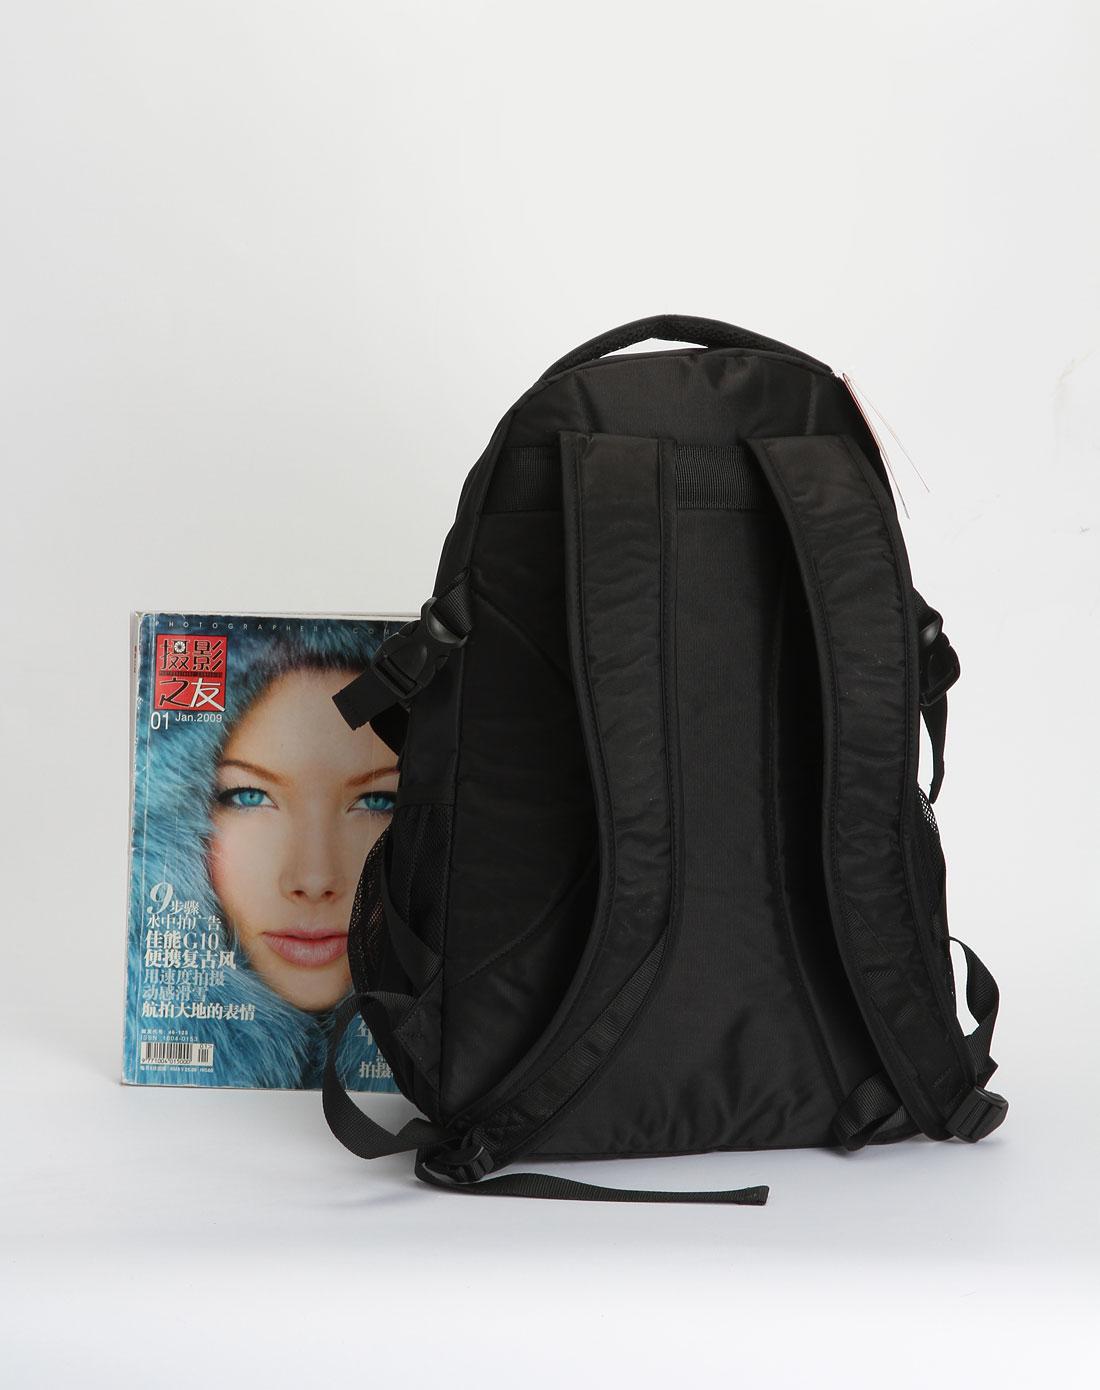 cba女款黑色时尚活力双肩背包9201308-002